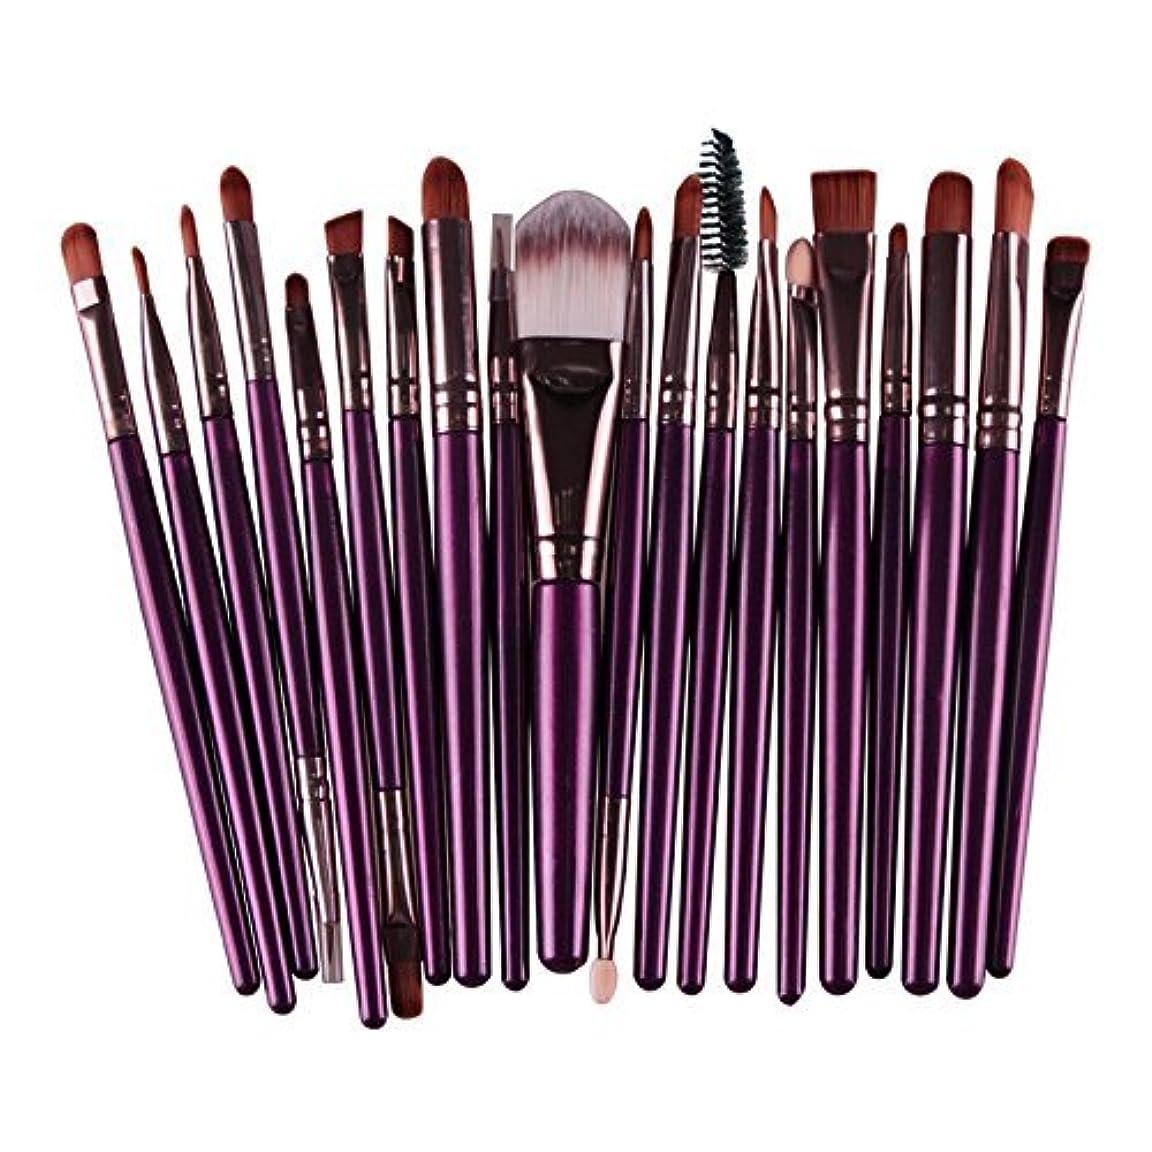 一節充電ステンレスメイクブラシ 20種類セット 20本入り メイク筆 化粧筆 チップ 美容 化粧品 TEC-MAG5165D (パープル)